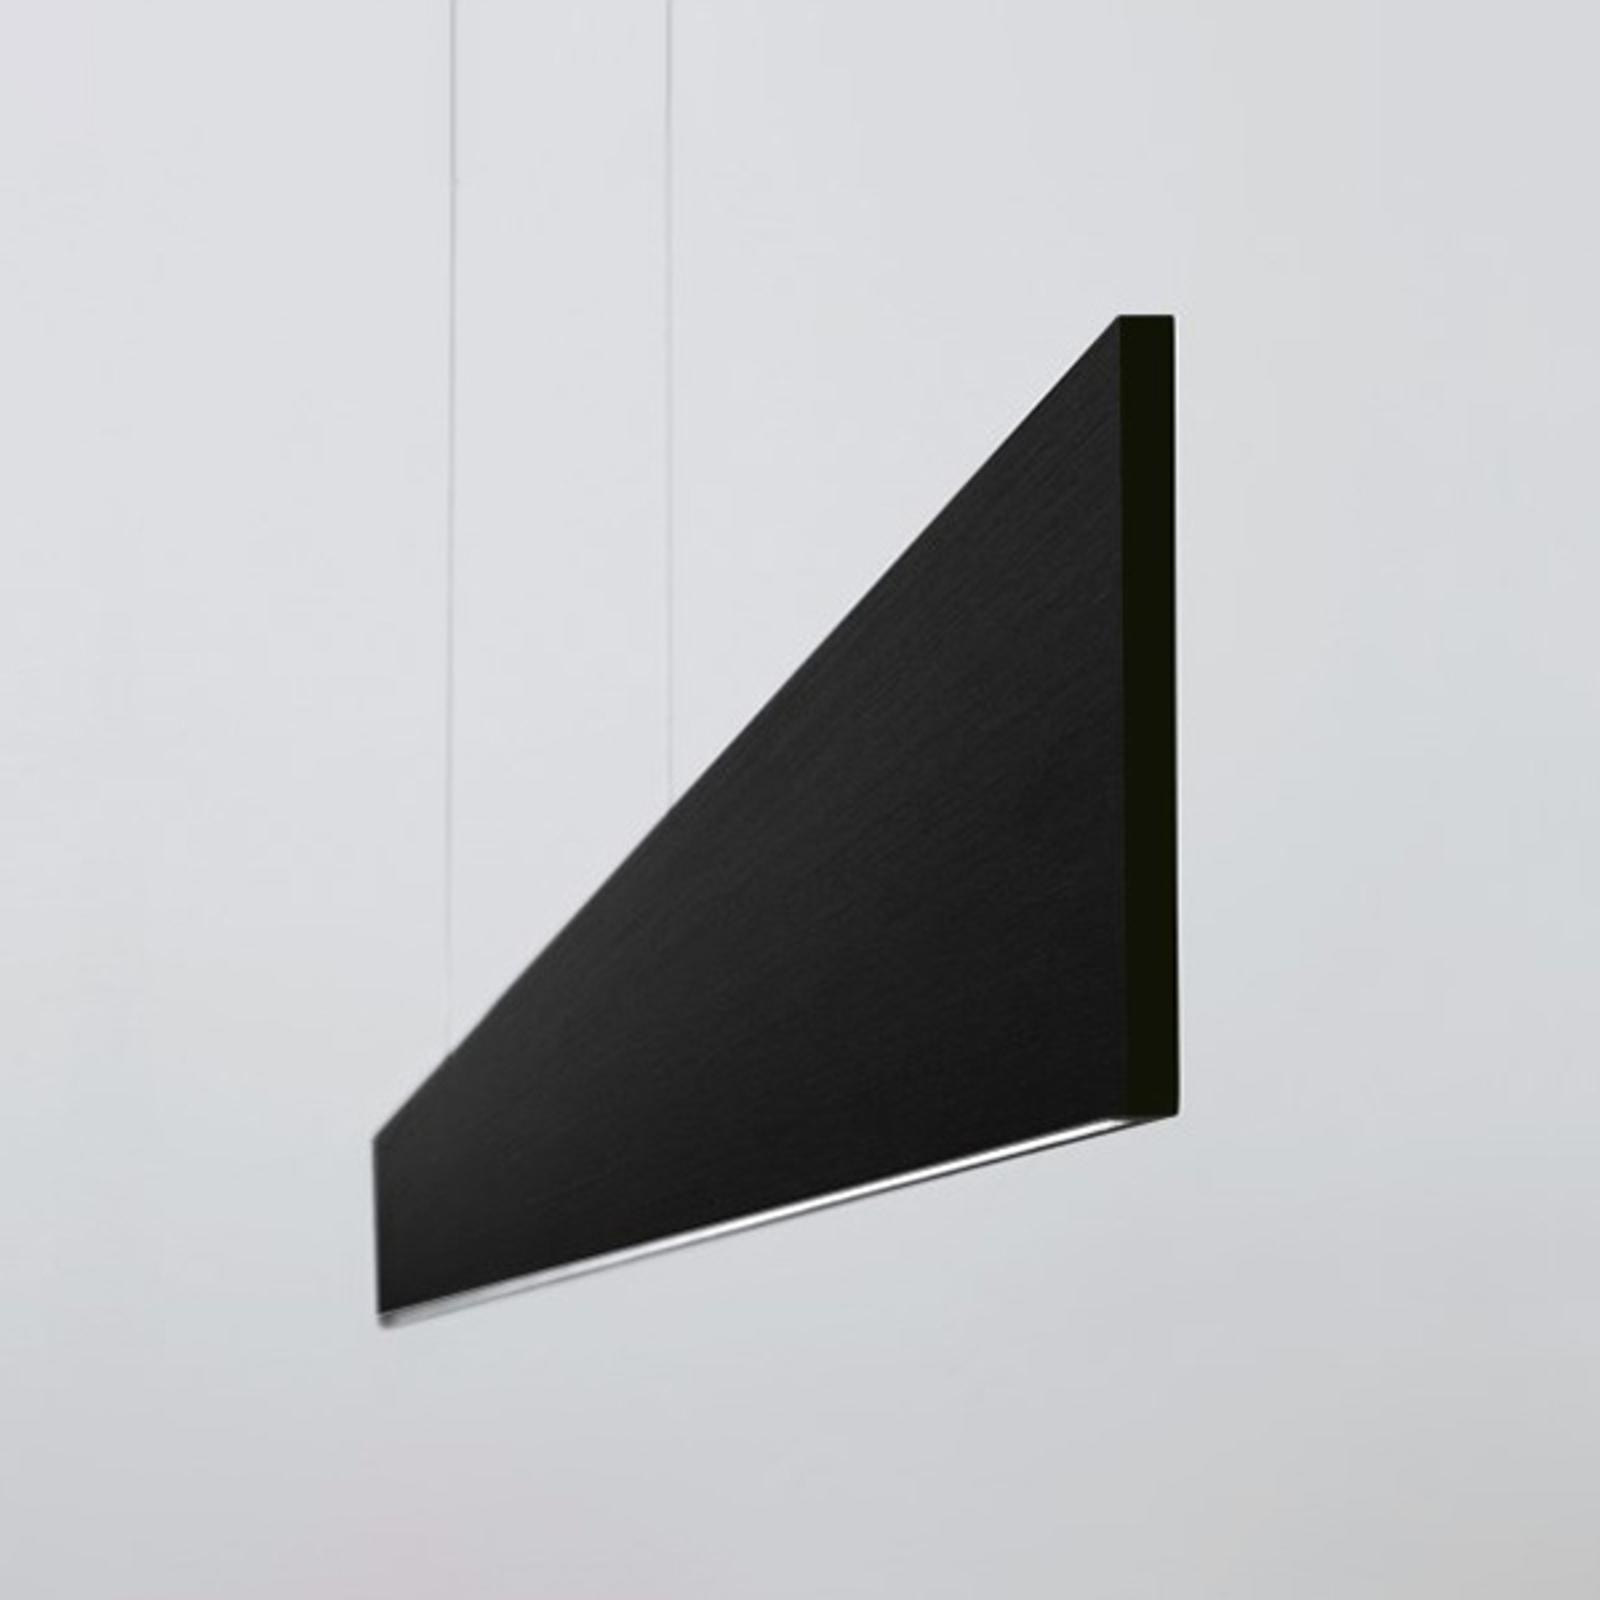 Suspension LED After 8 122cm 1-10V 3000K noire